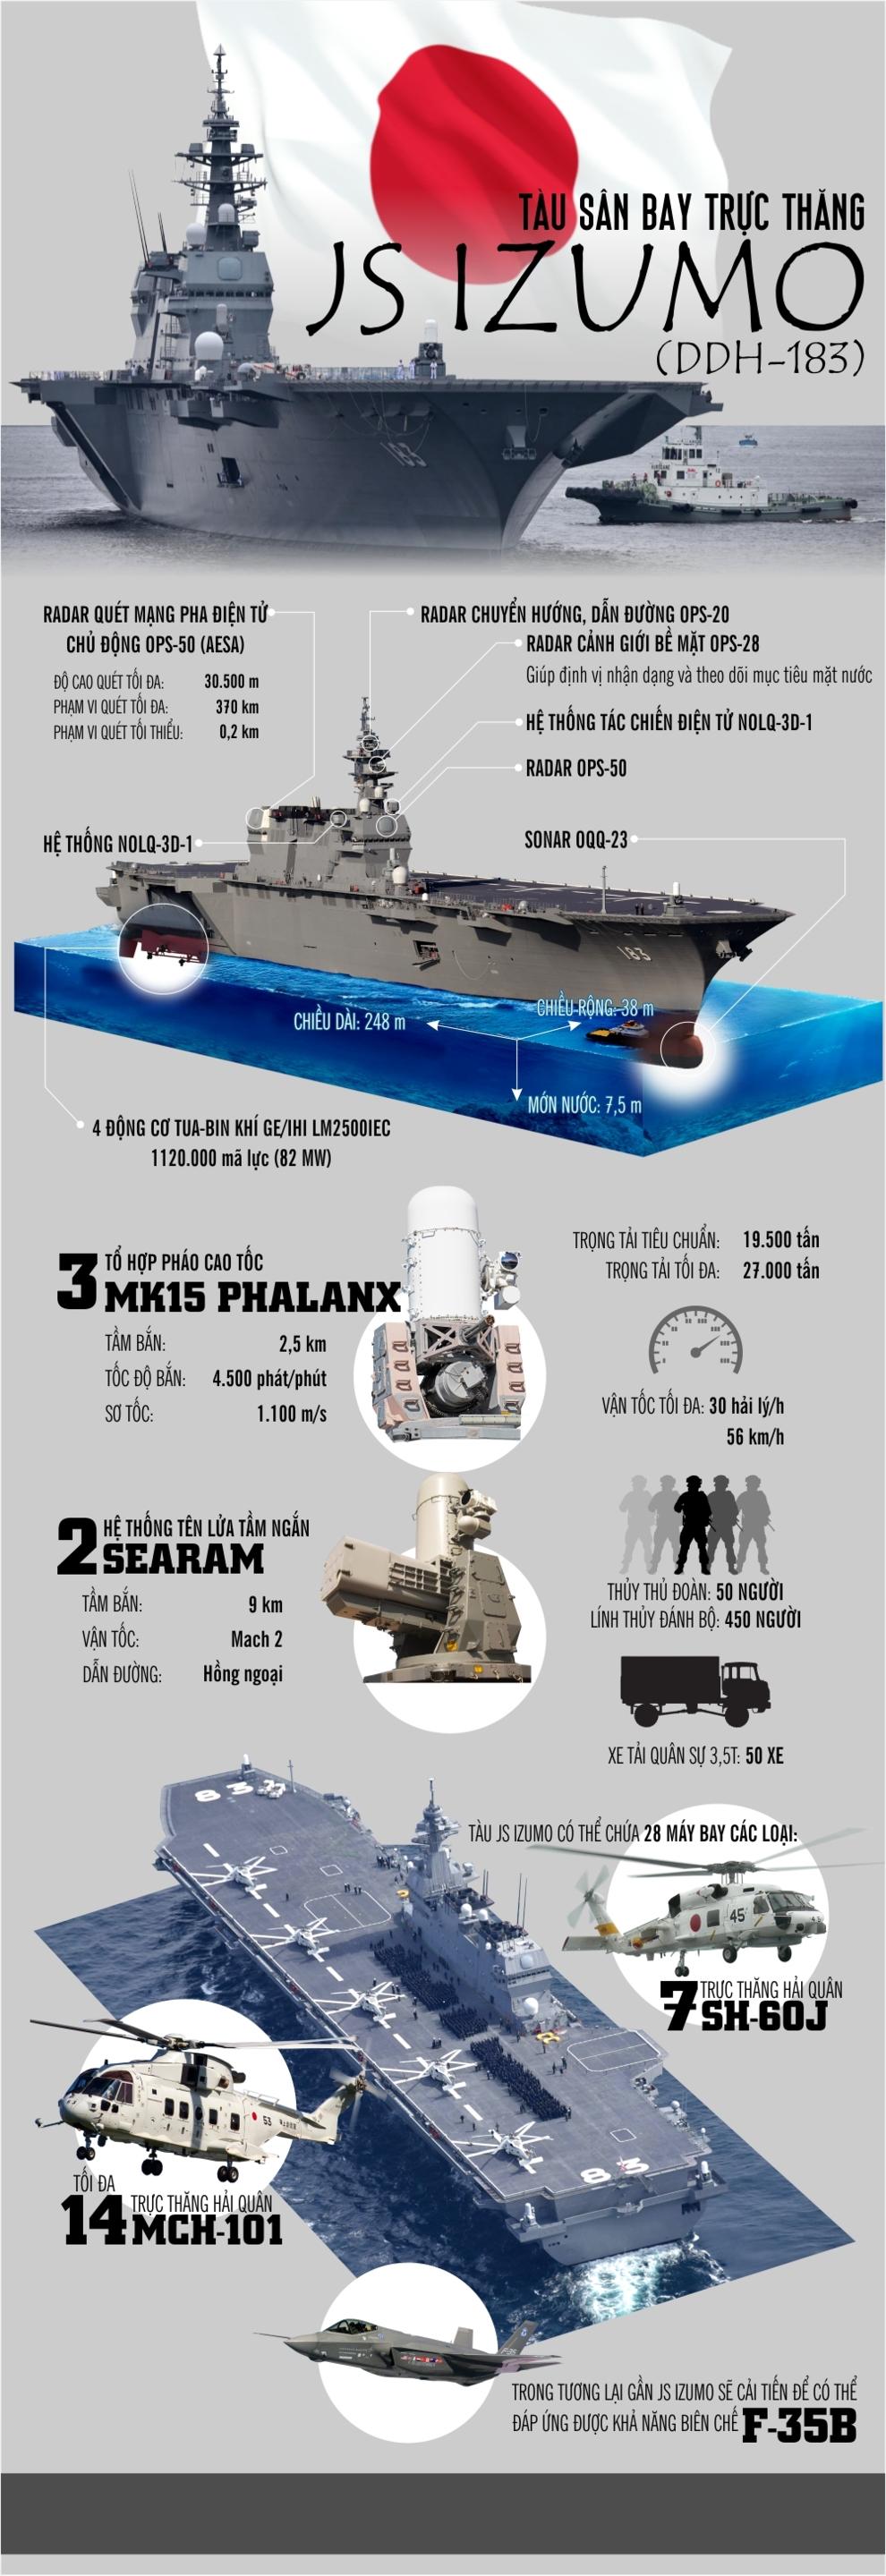 infographic js izumo suc manh ran de cua nhat ban o thai binh duong